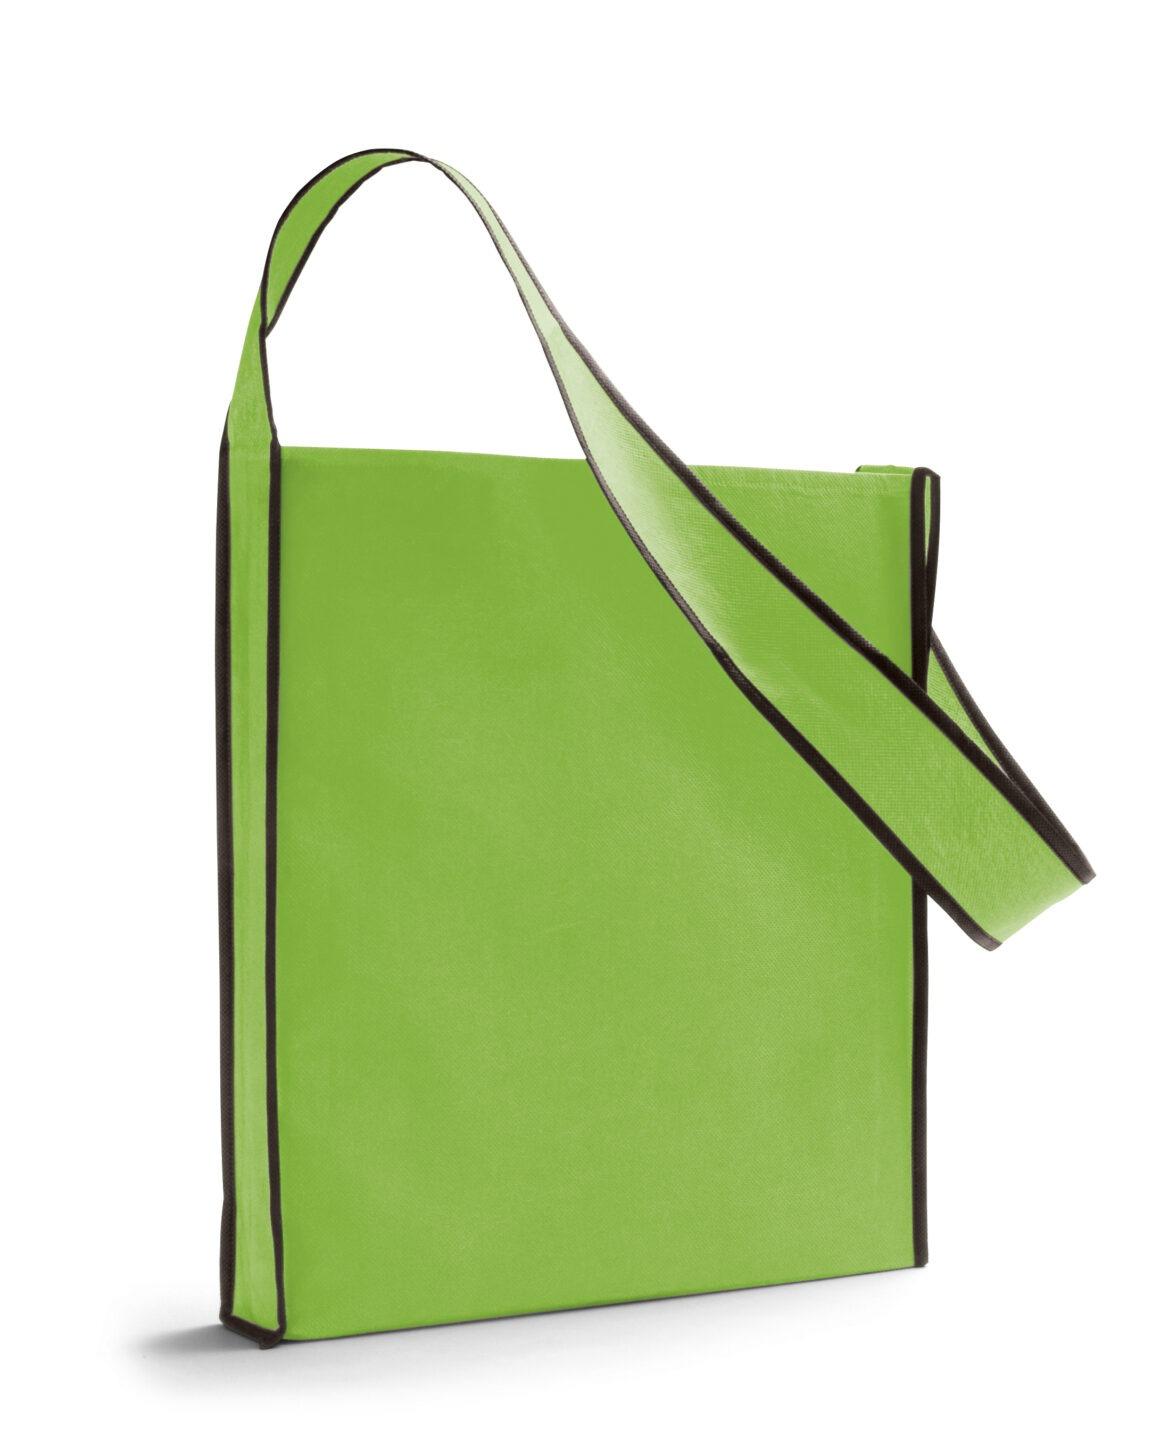 Treeve Shoulder Bag Product Code GP92490